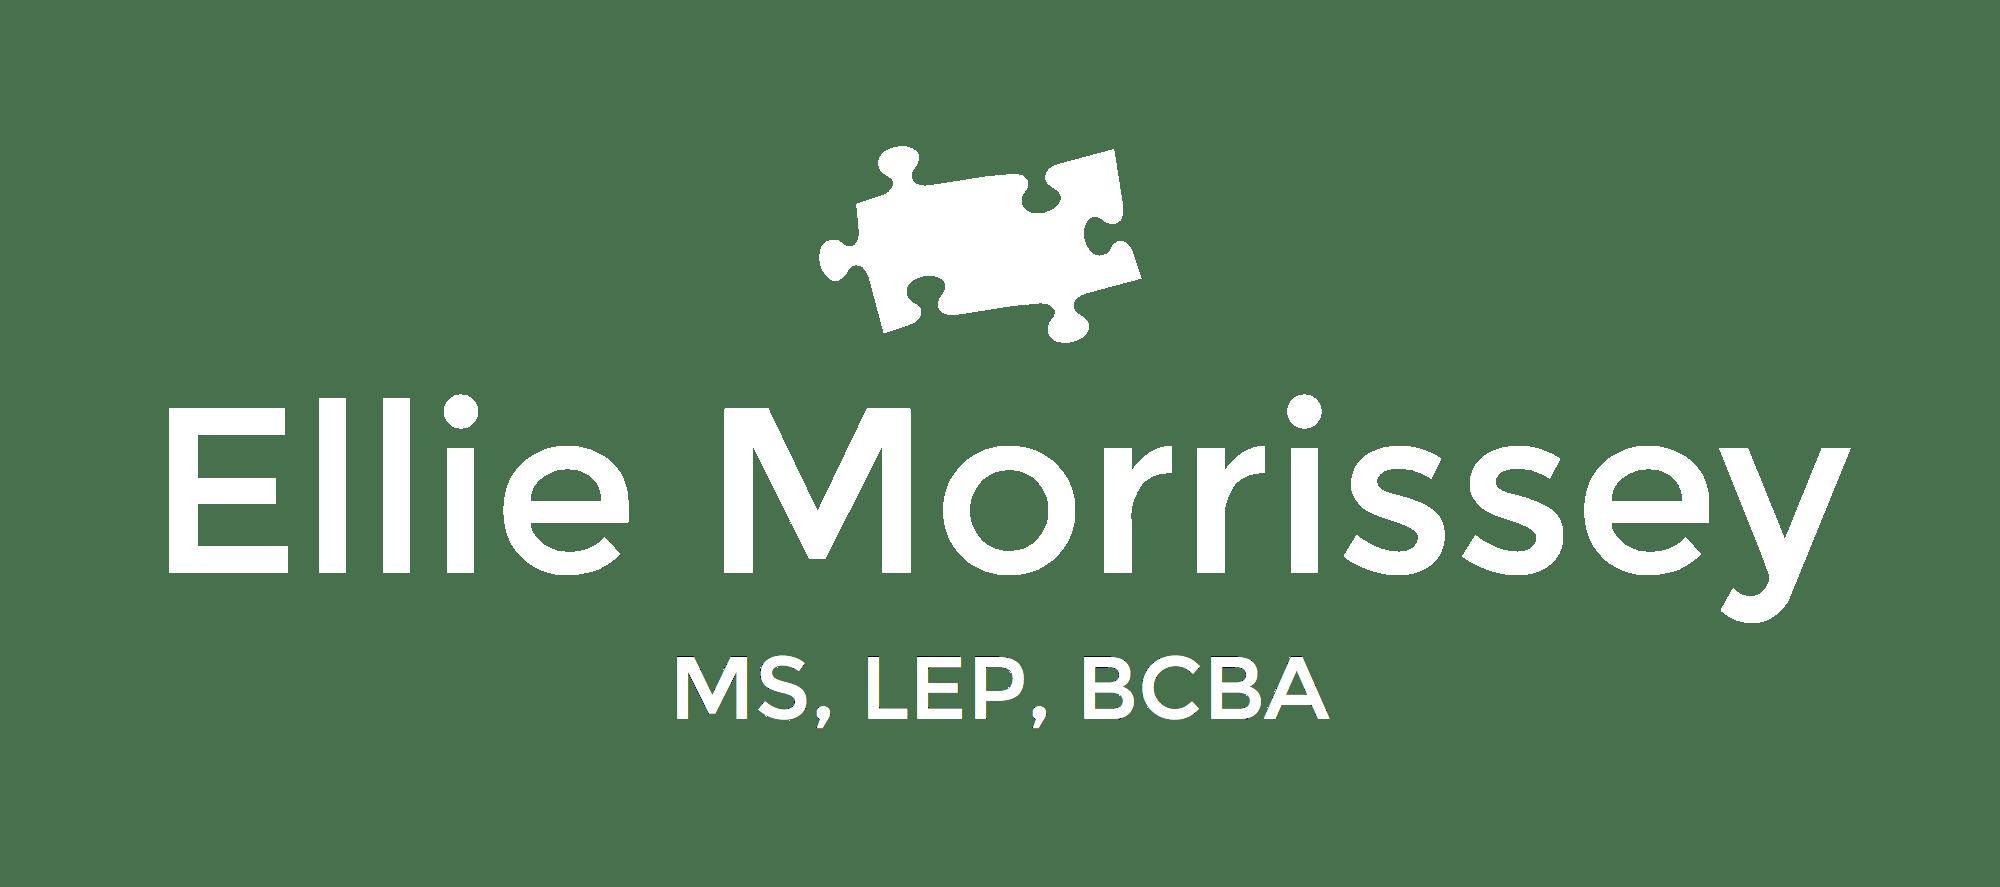 Functional Behavior Assessment (FBA) — Ellie Morrissey, MS, LEP, BCBA